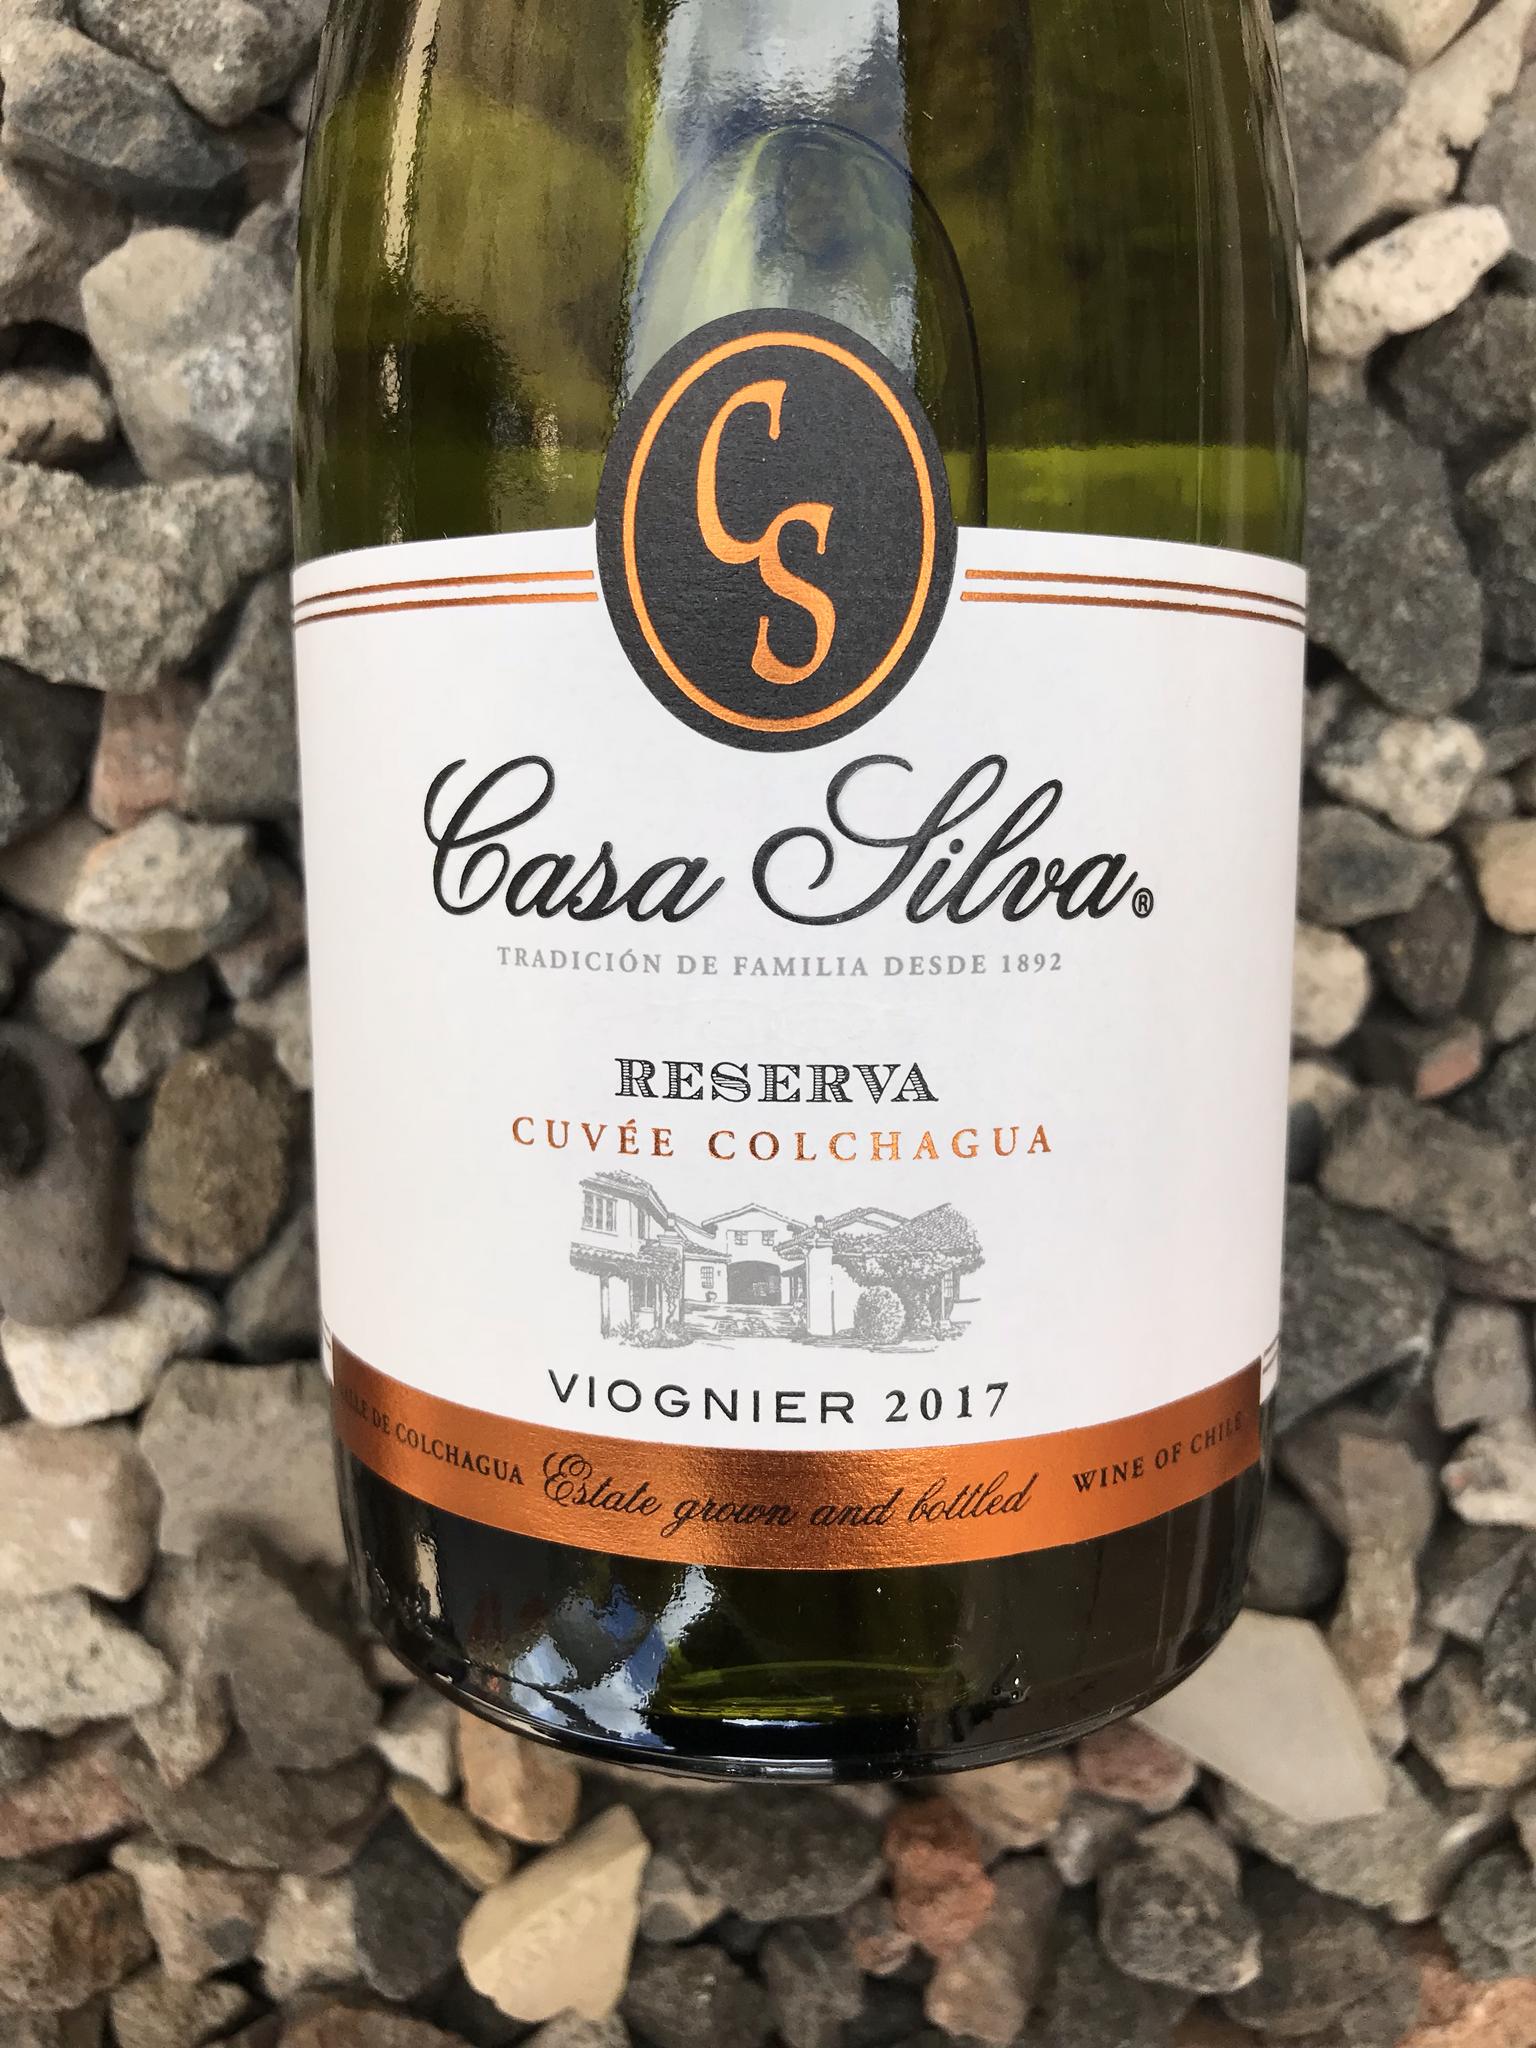 Casa Silva Reserva Viognier 2017 00023